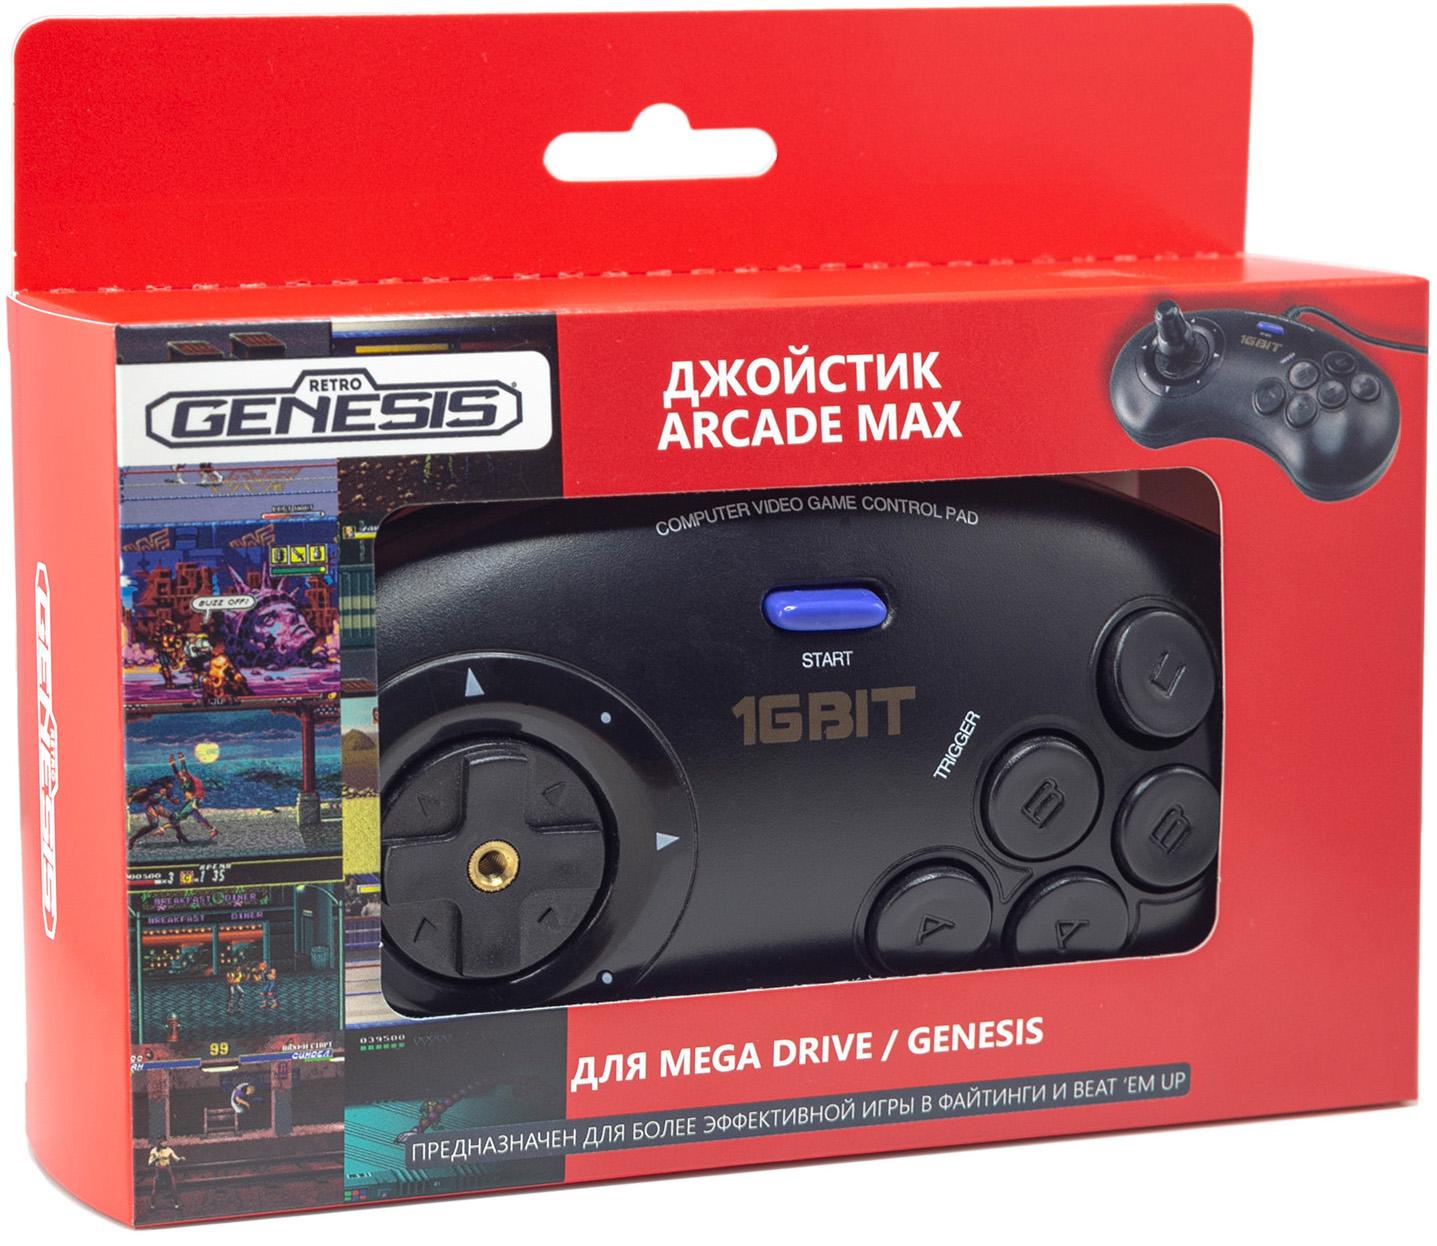 Джойстик 16 Bit Arcade Max проводной для Retro Genesis